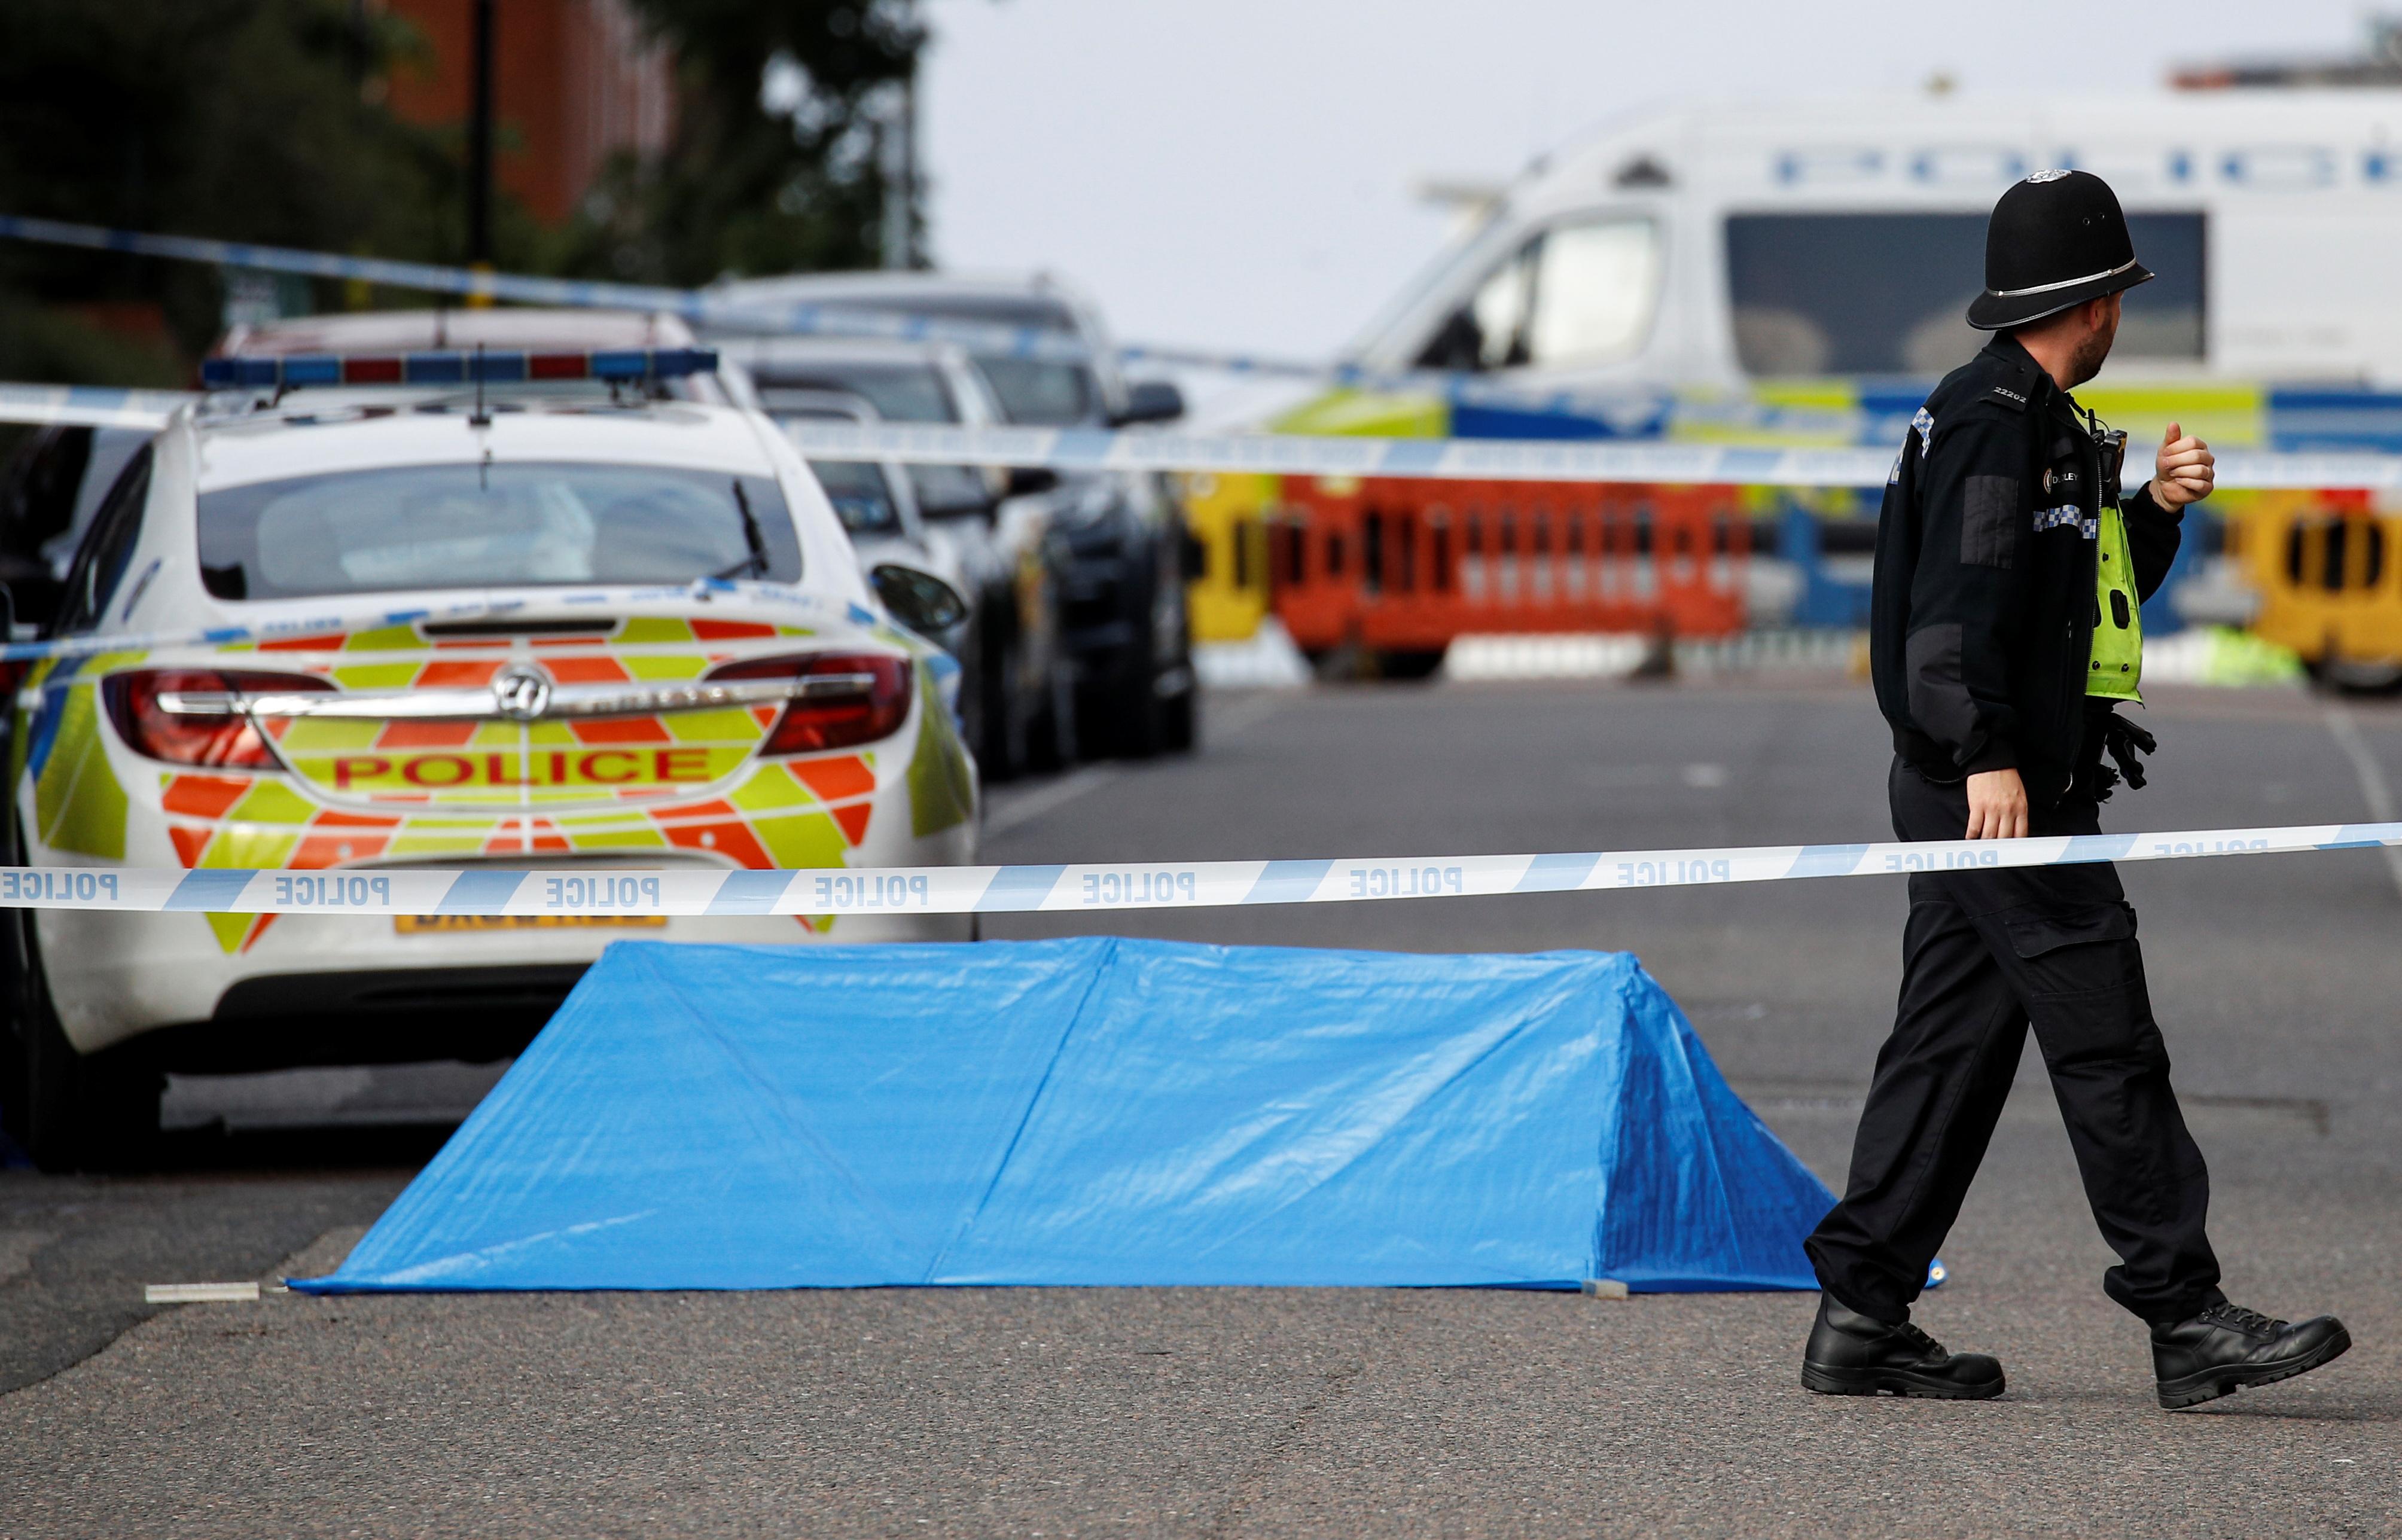 В поножовщине в Бирмингеме погиб один человек и пострадали семеро